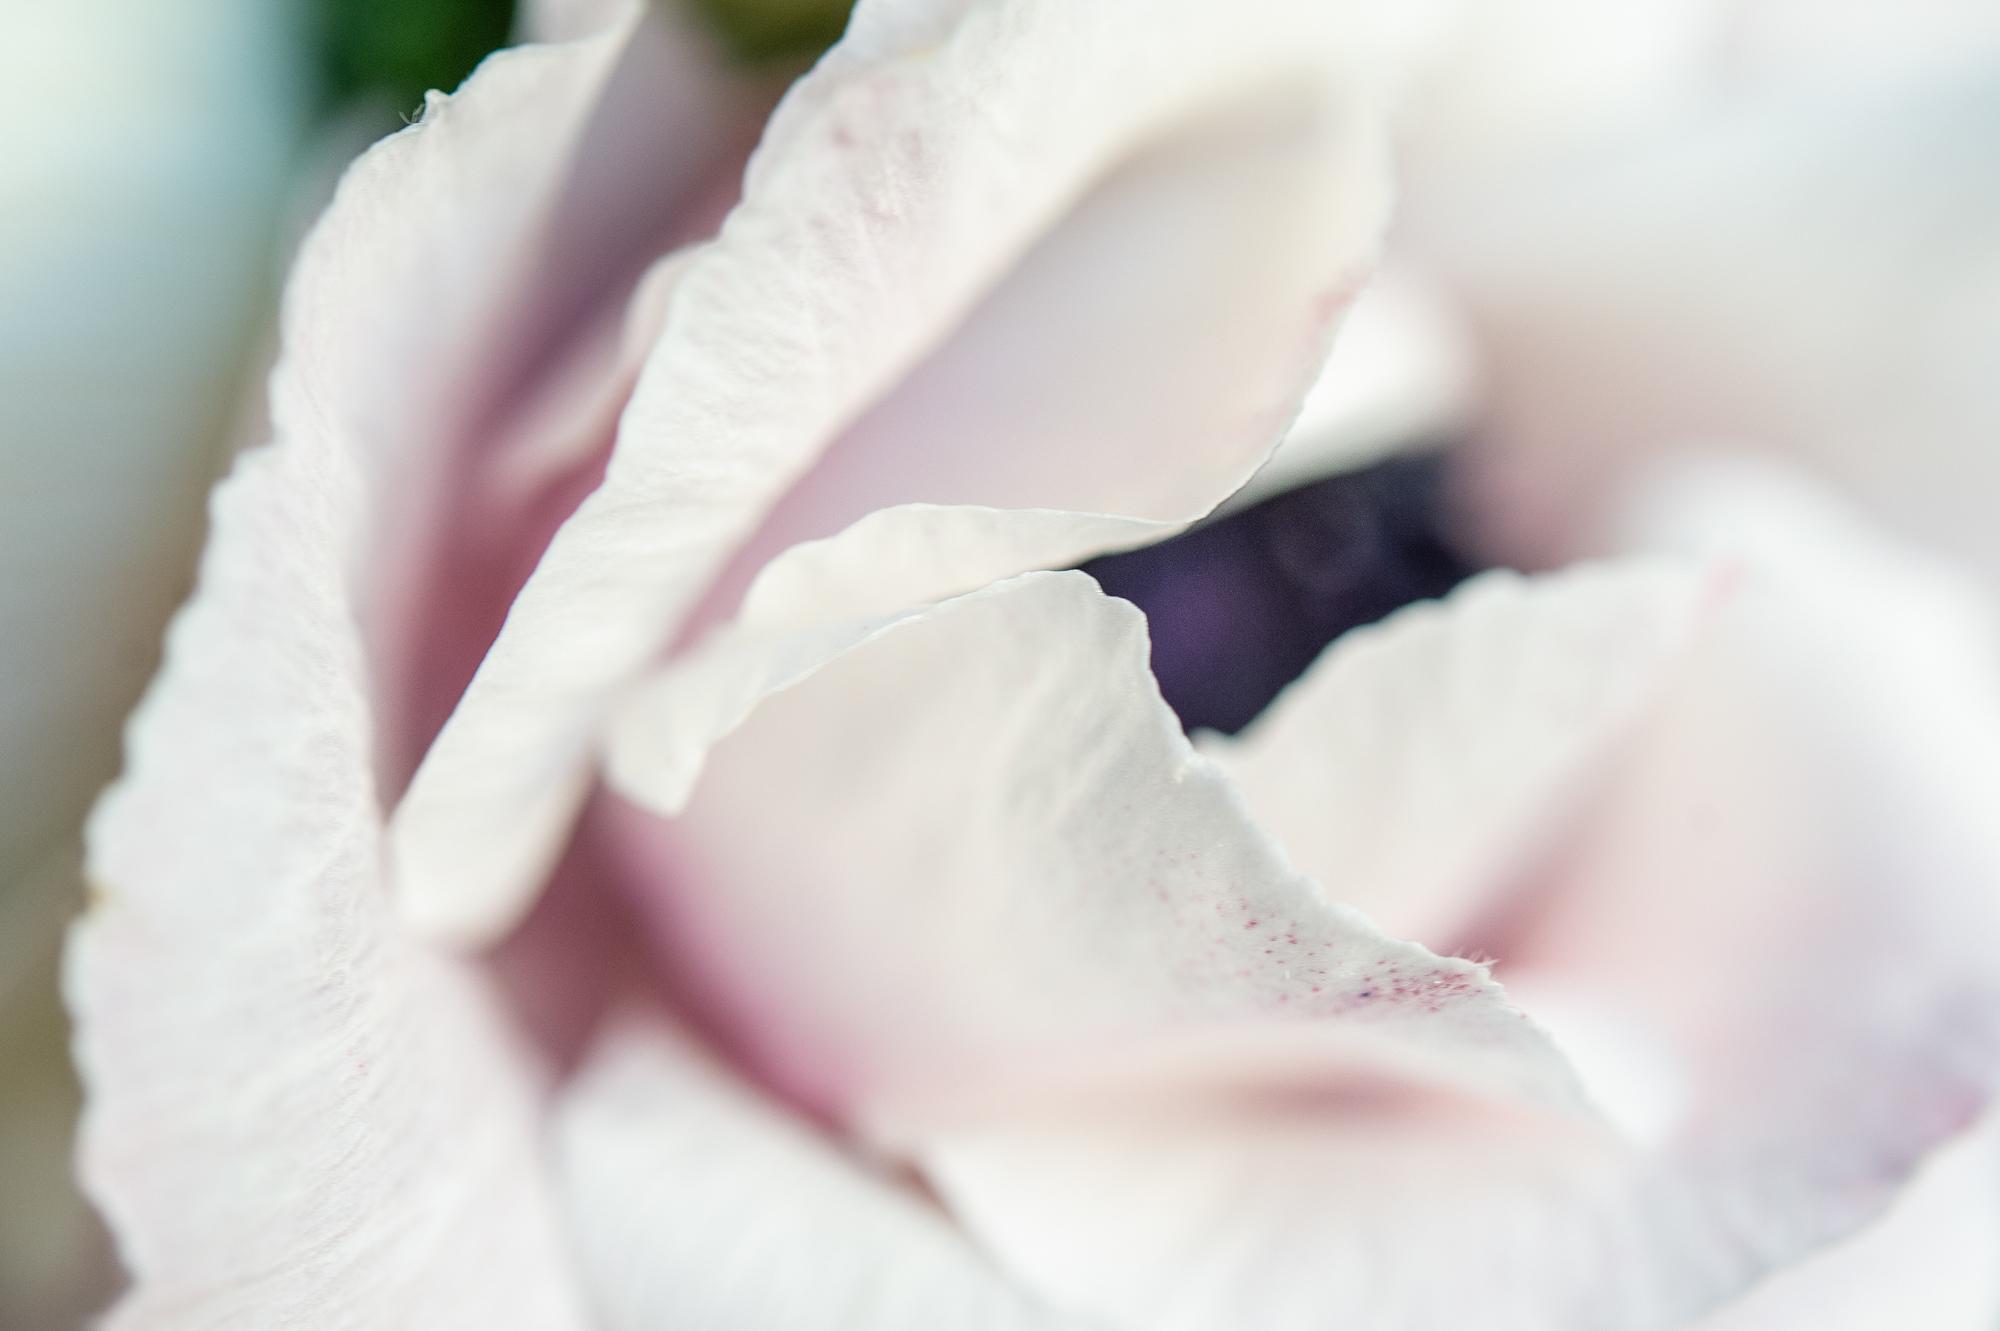 030_flowerpedia_049_flowerpedia1__SP45394.jpg